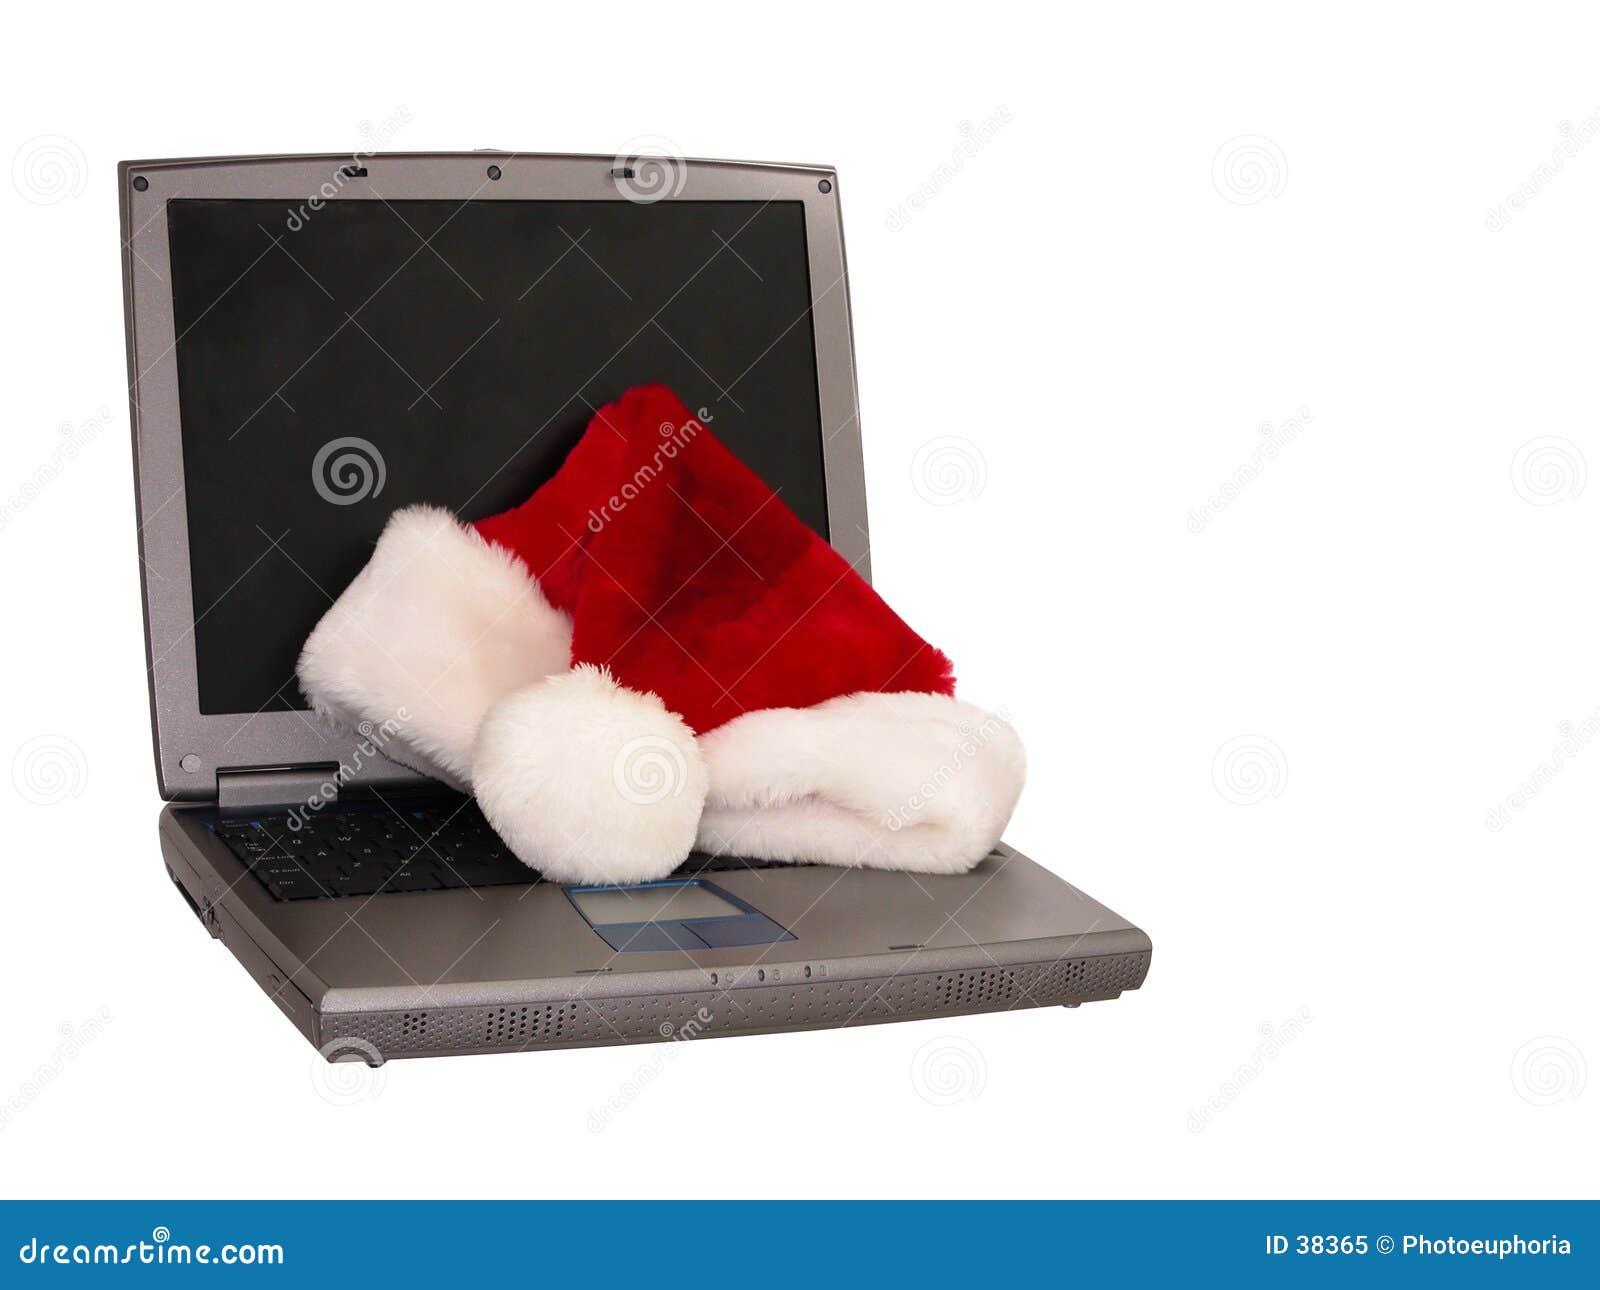 Download Sombrero De Santa Que Se Sienta En Una Computadora Portátil (3 De 3) Imagen de archivo - Imagen de navidad, blanco: 38365